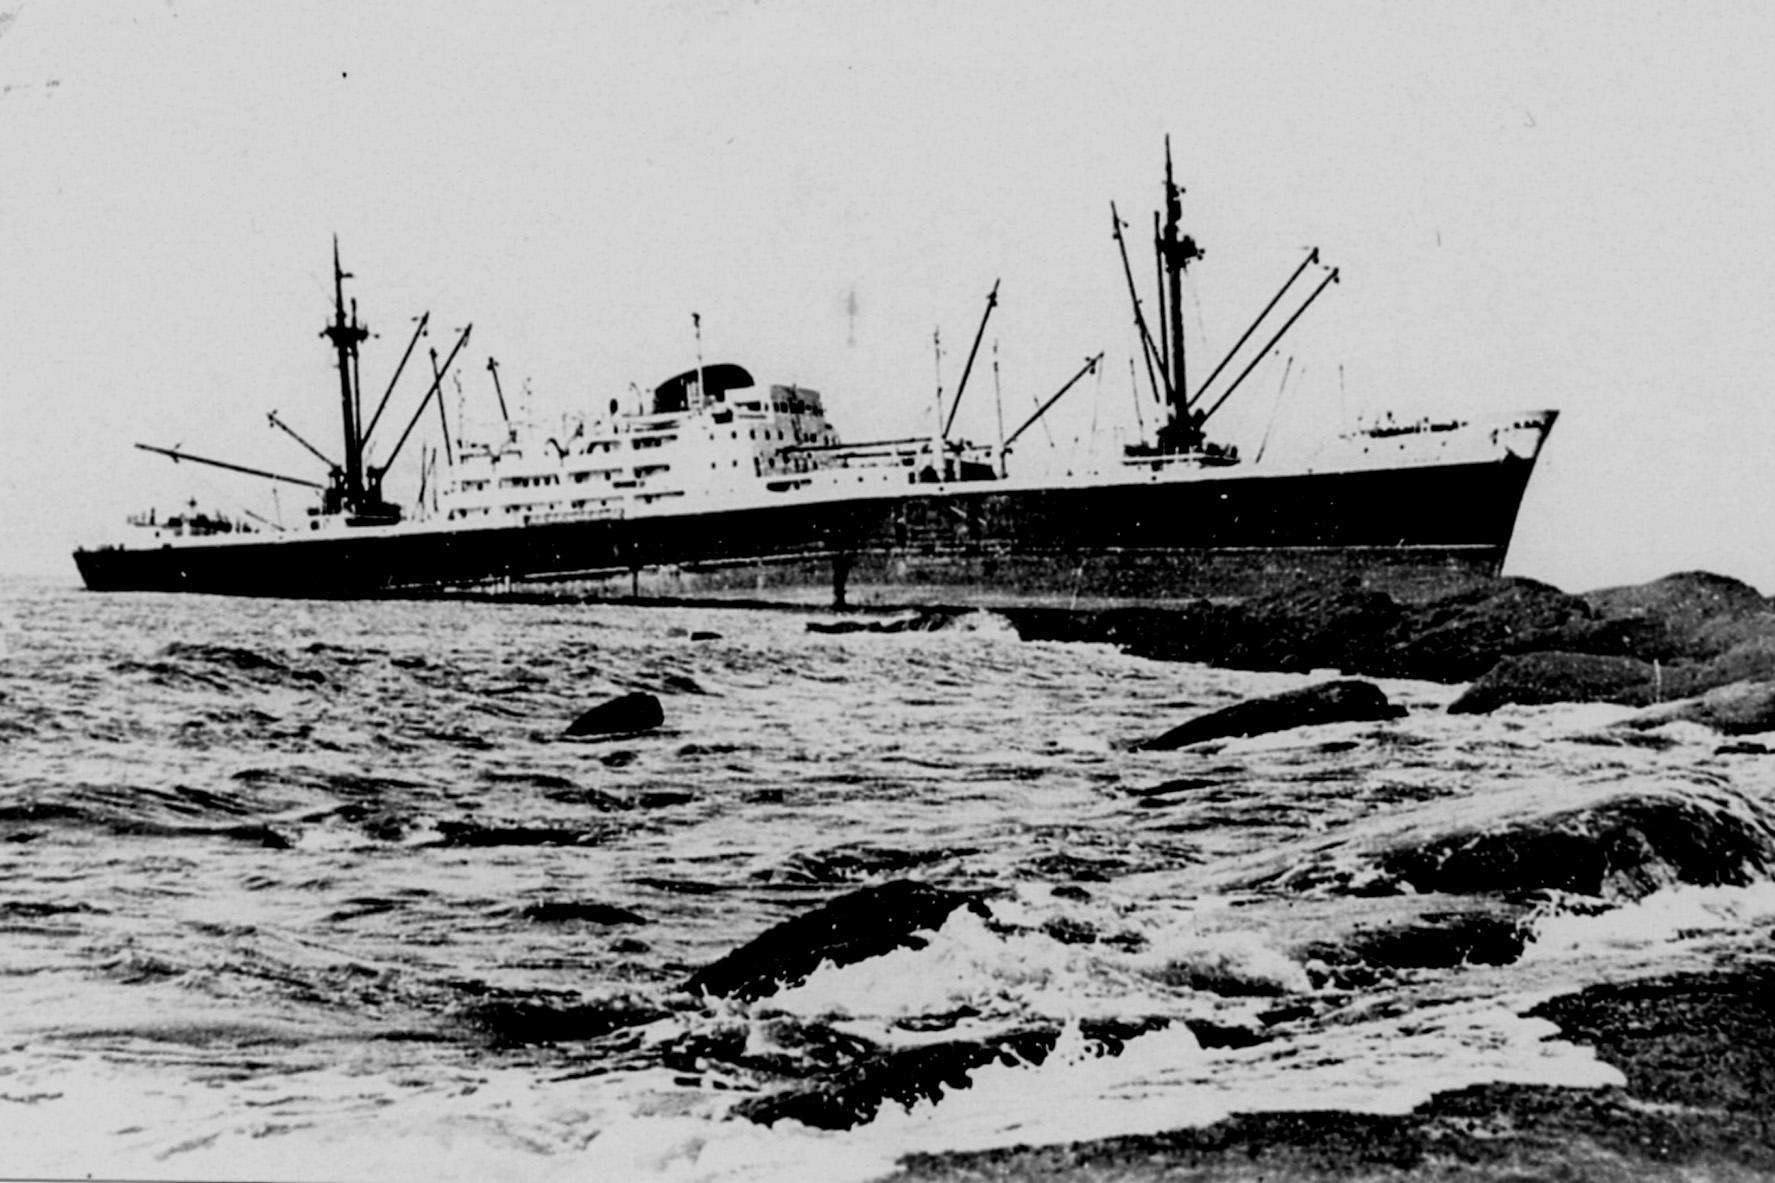 Le cargo Equateur échoué au large du Cap Gris Nez